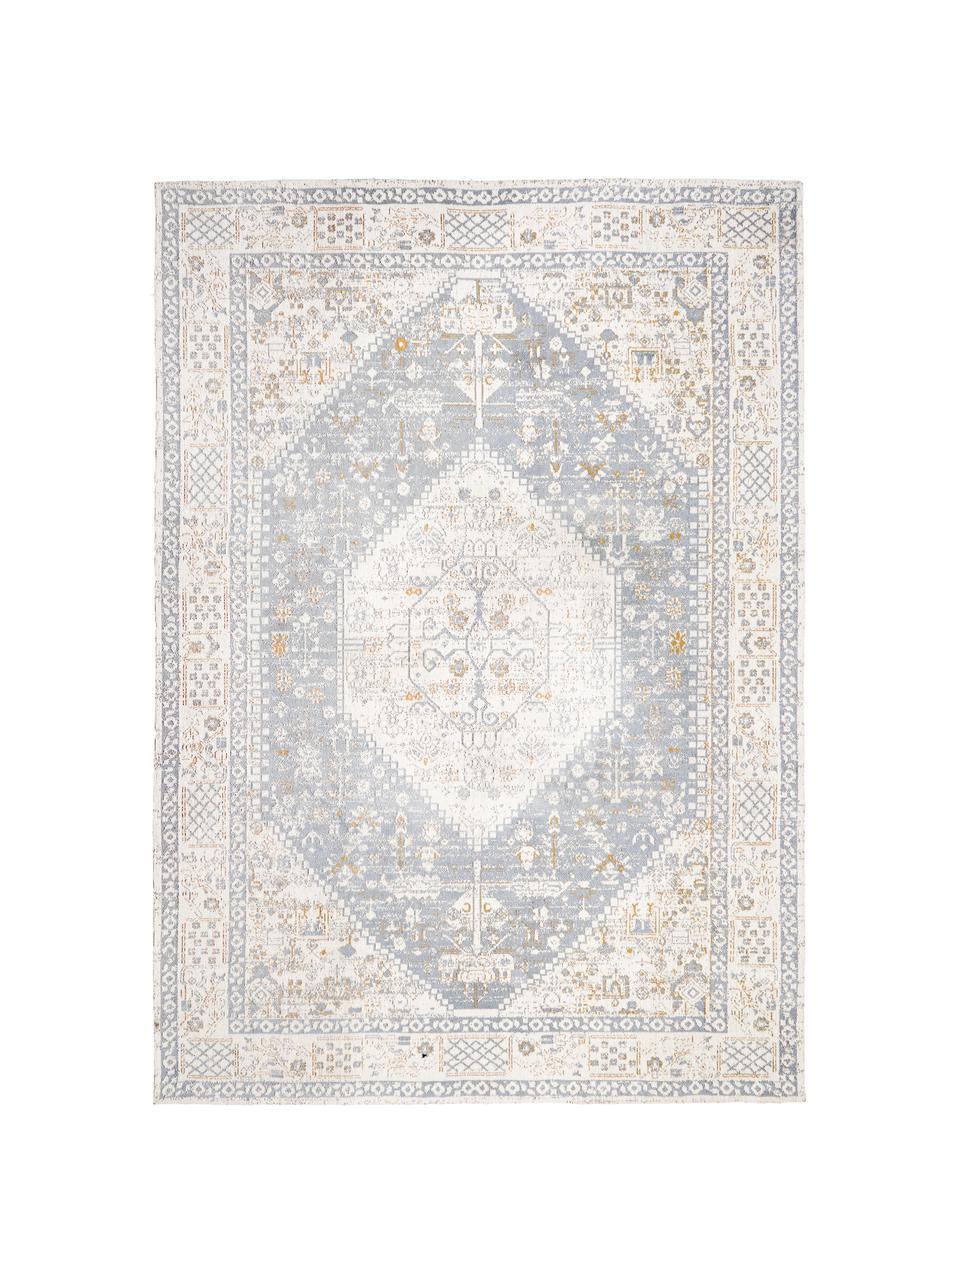 Ręcznie tkany dywan szenilowy Neapel, Szaroniebieski, kremowy, taupe, S 120 x D 180 cm (Rozmiar S)